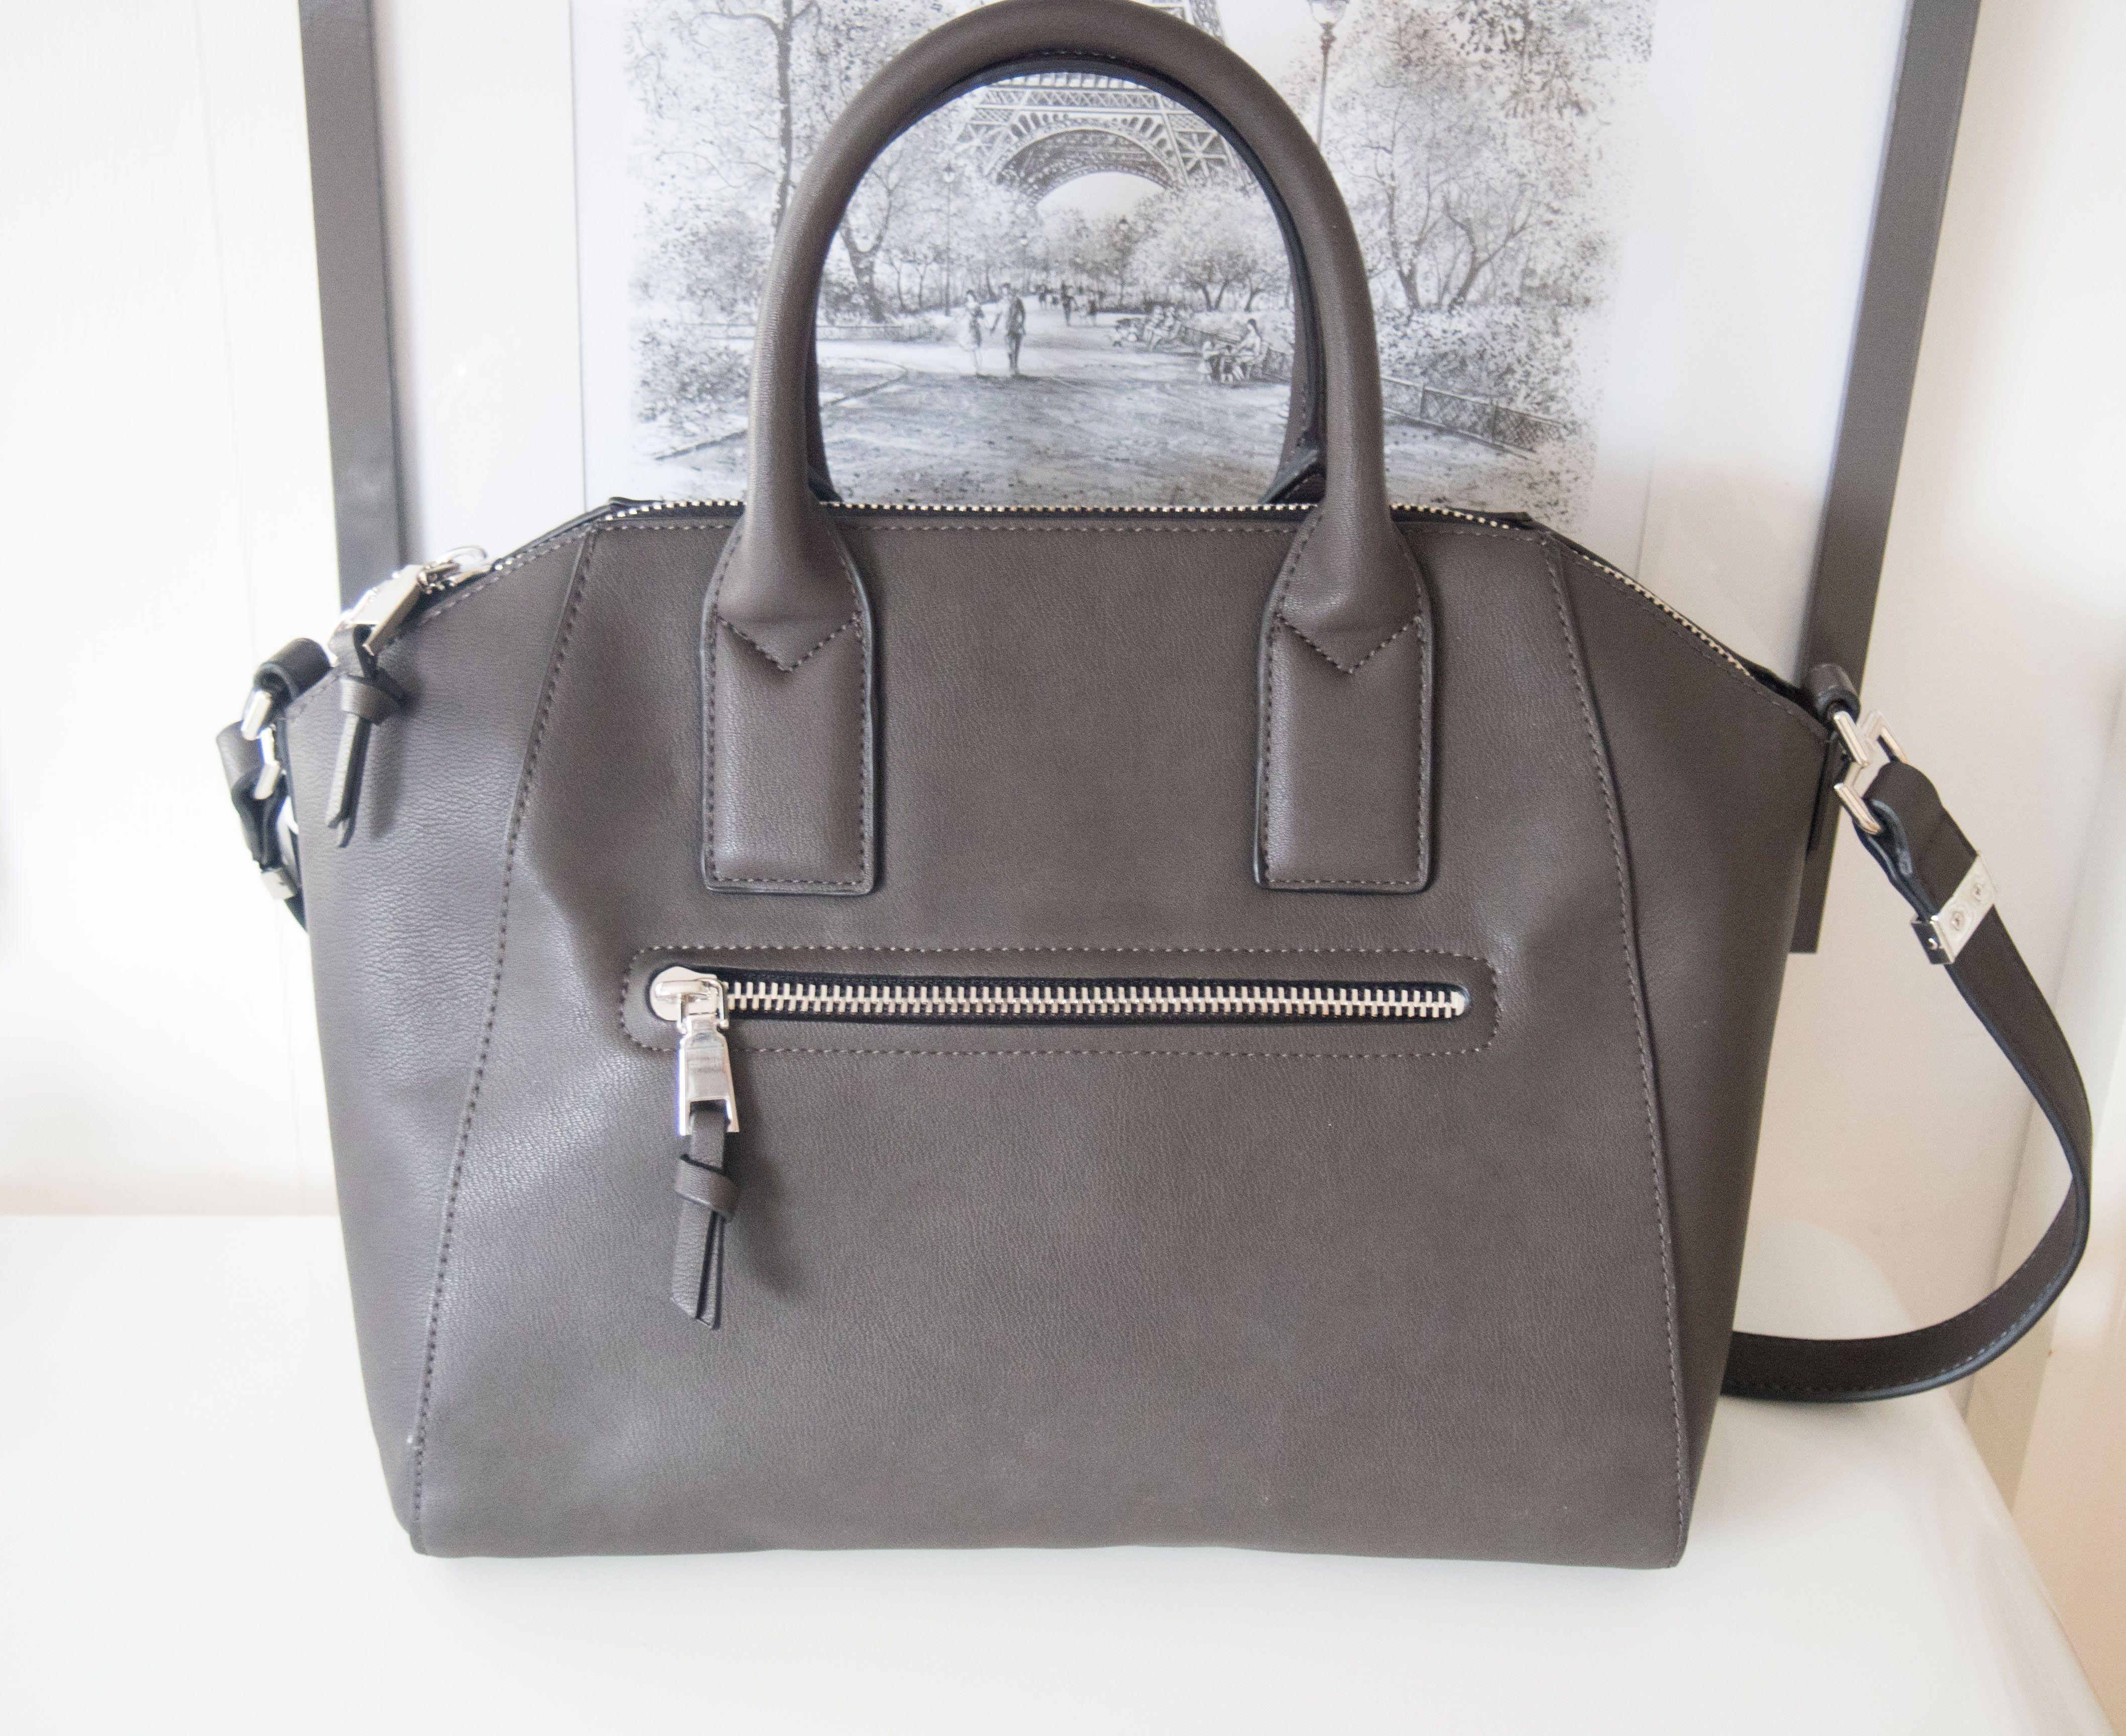 d13055a1c9 Givenchy Antigona Dupe | Clothing | Givenchy antigona, Givenchy, Bags